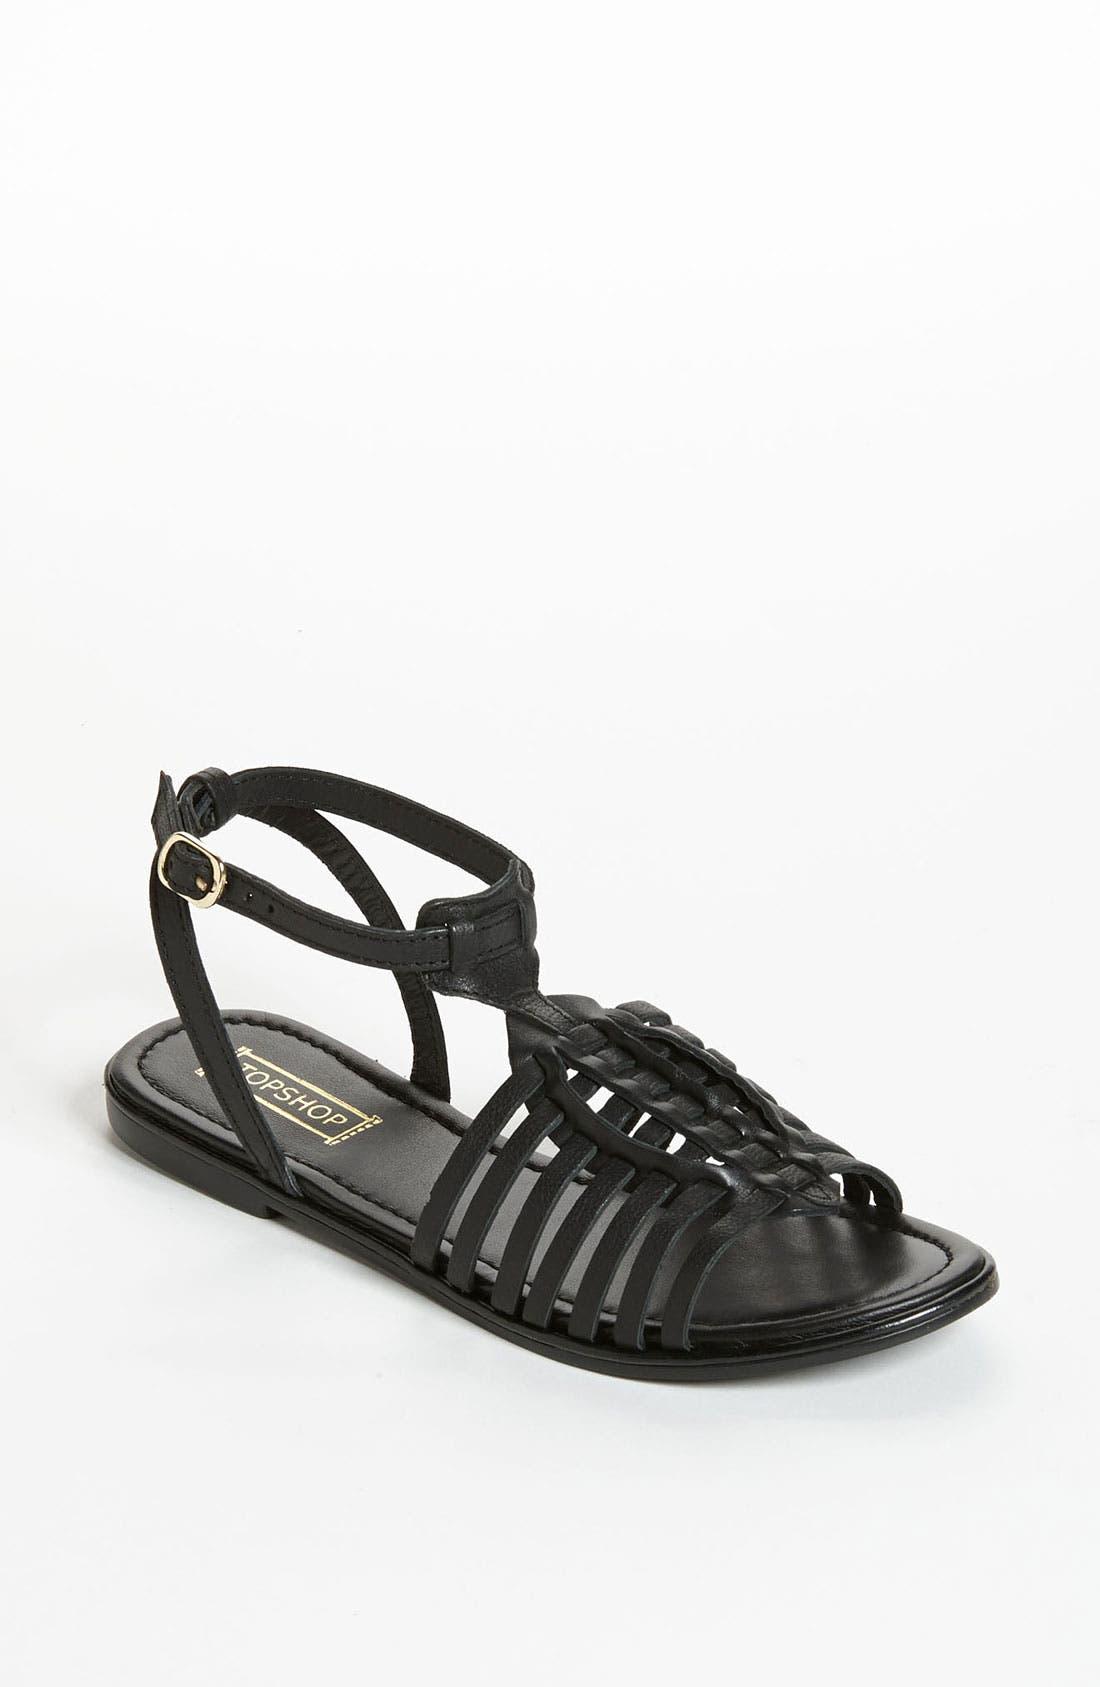 Alternate Image 1 Selected - Topshop 'Forward Vintage' Sandal